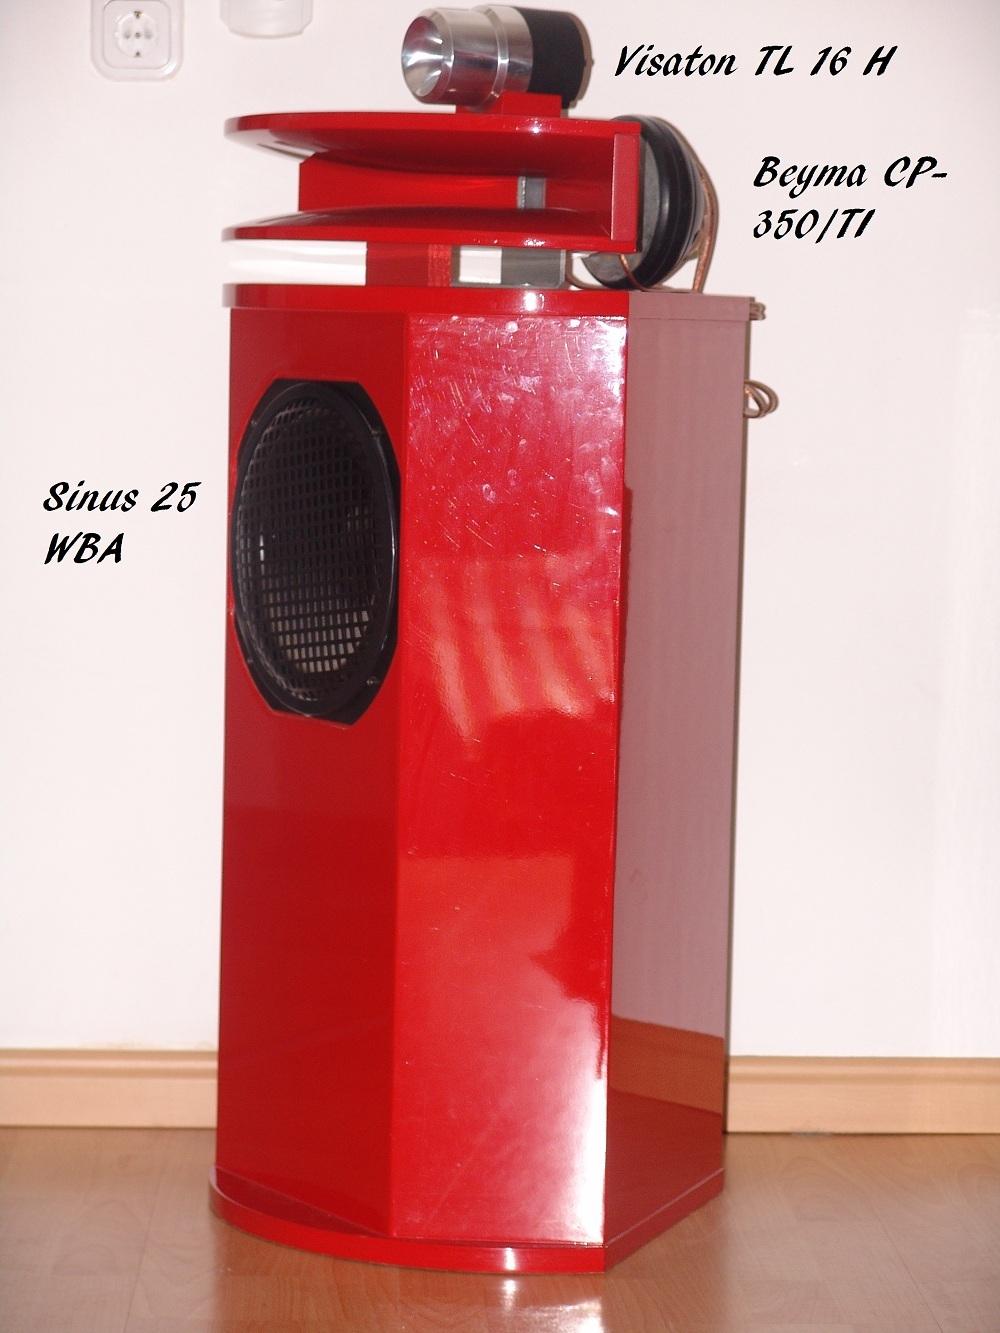 andere holz h rner bausatz acc acoustic k ln gebraucht. Black Bedroom Furniture Sets. Home Design Ideas